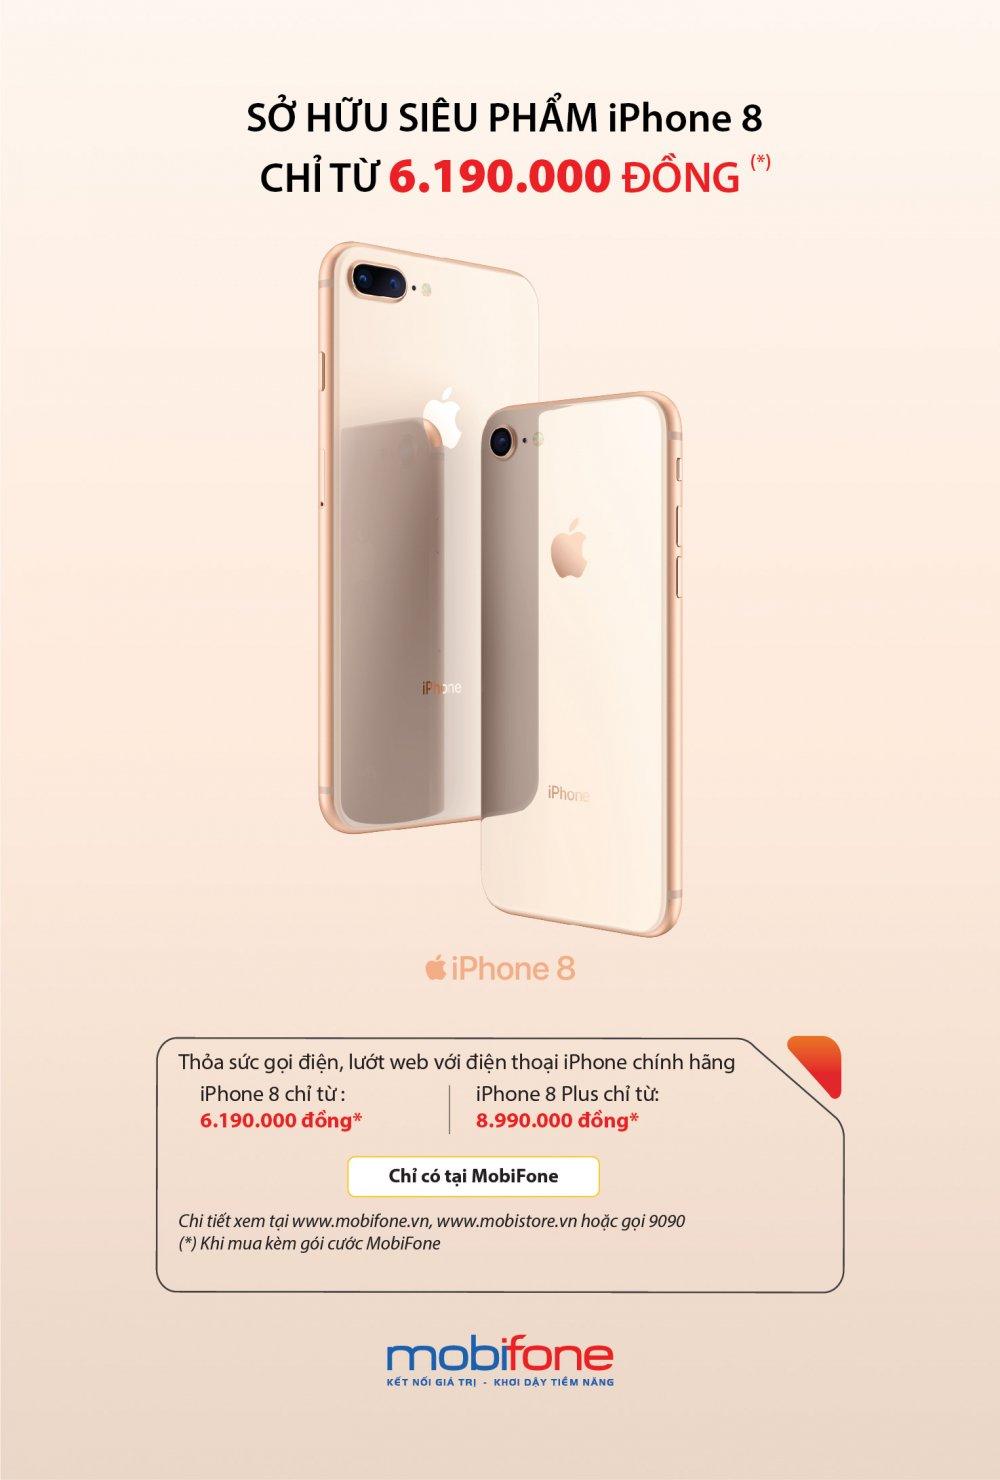 Bo doi iPhone 8/ iPhone 8 Plus voi gia tu 6.190.000 dong hap dan nguoi mua tai MobiFone hinh anh 1